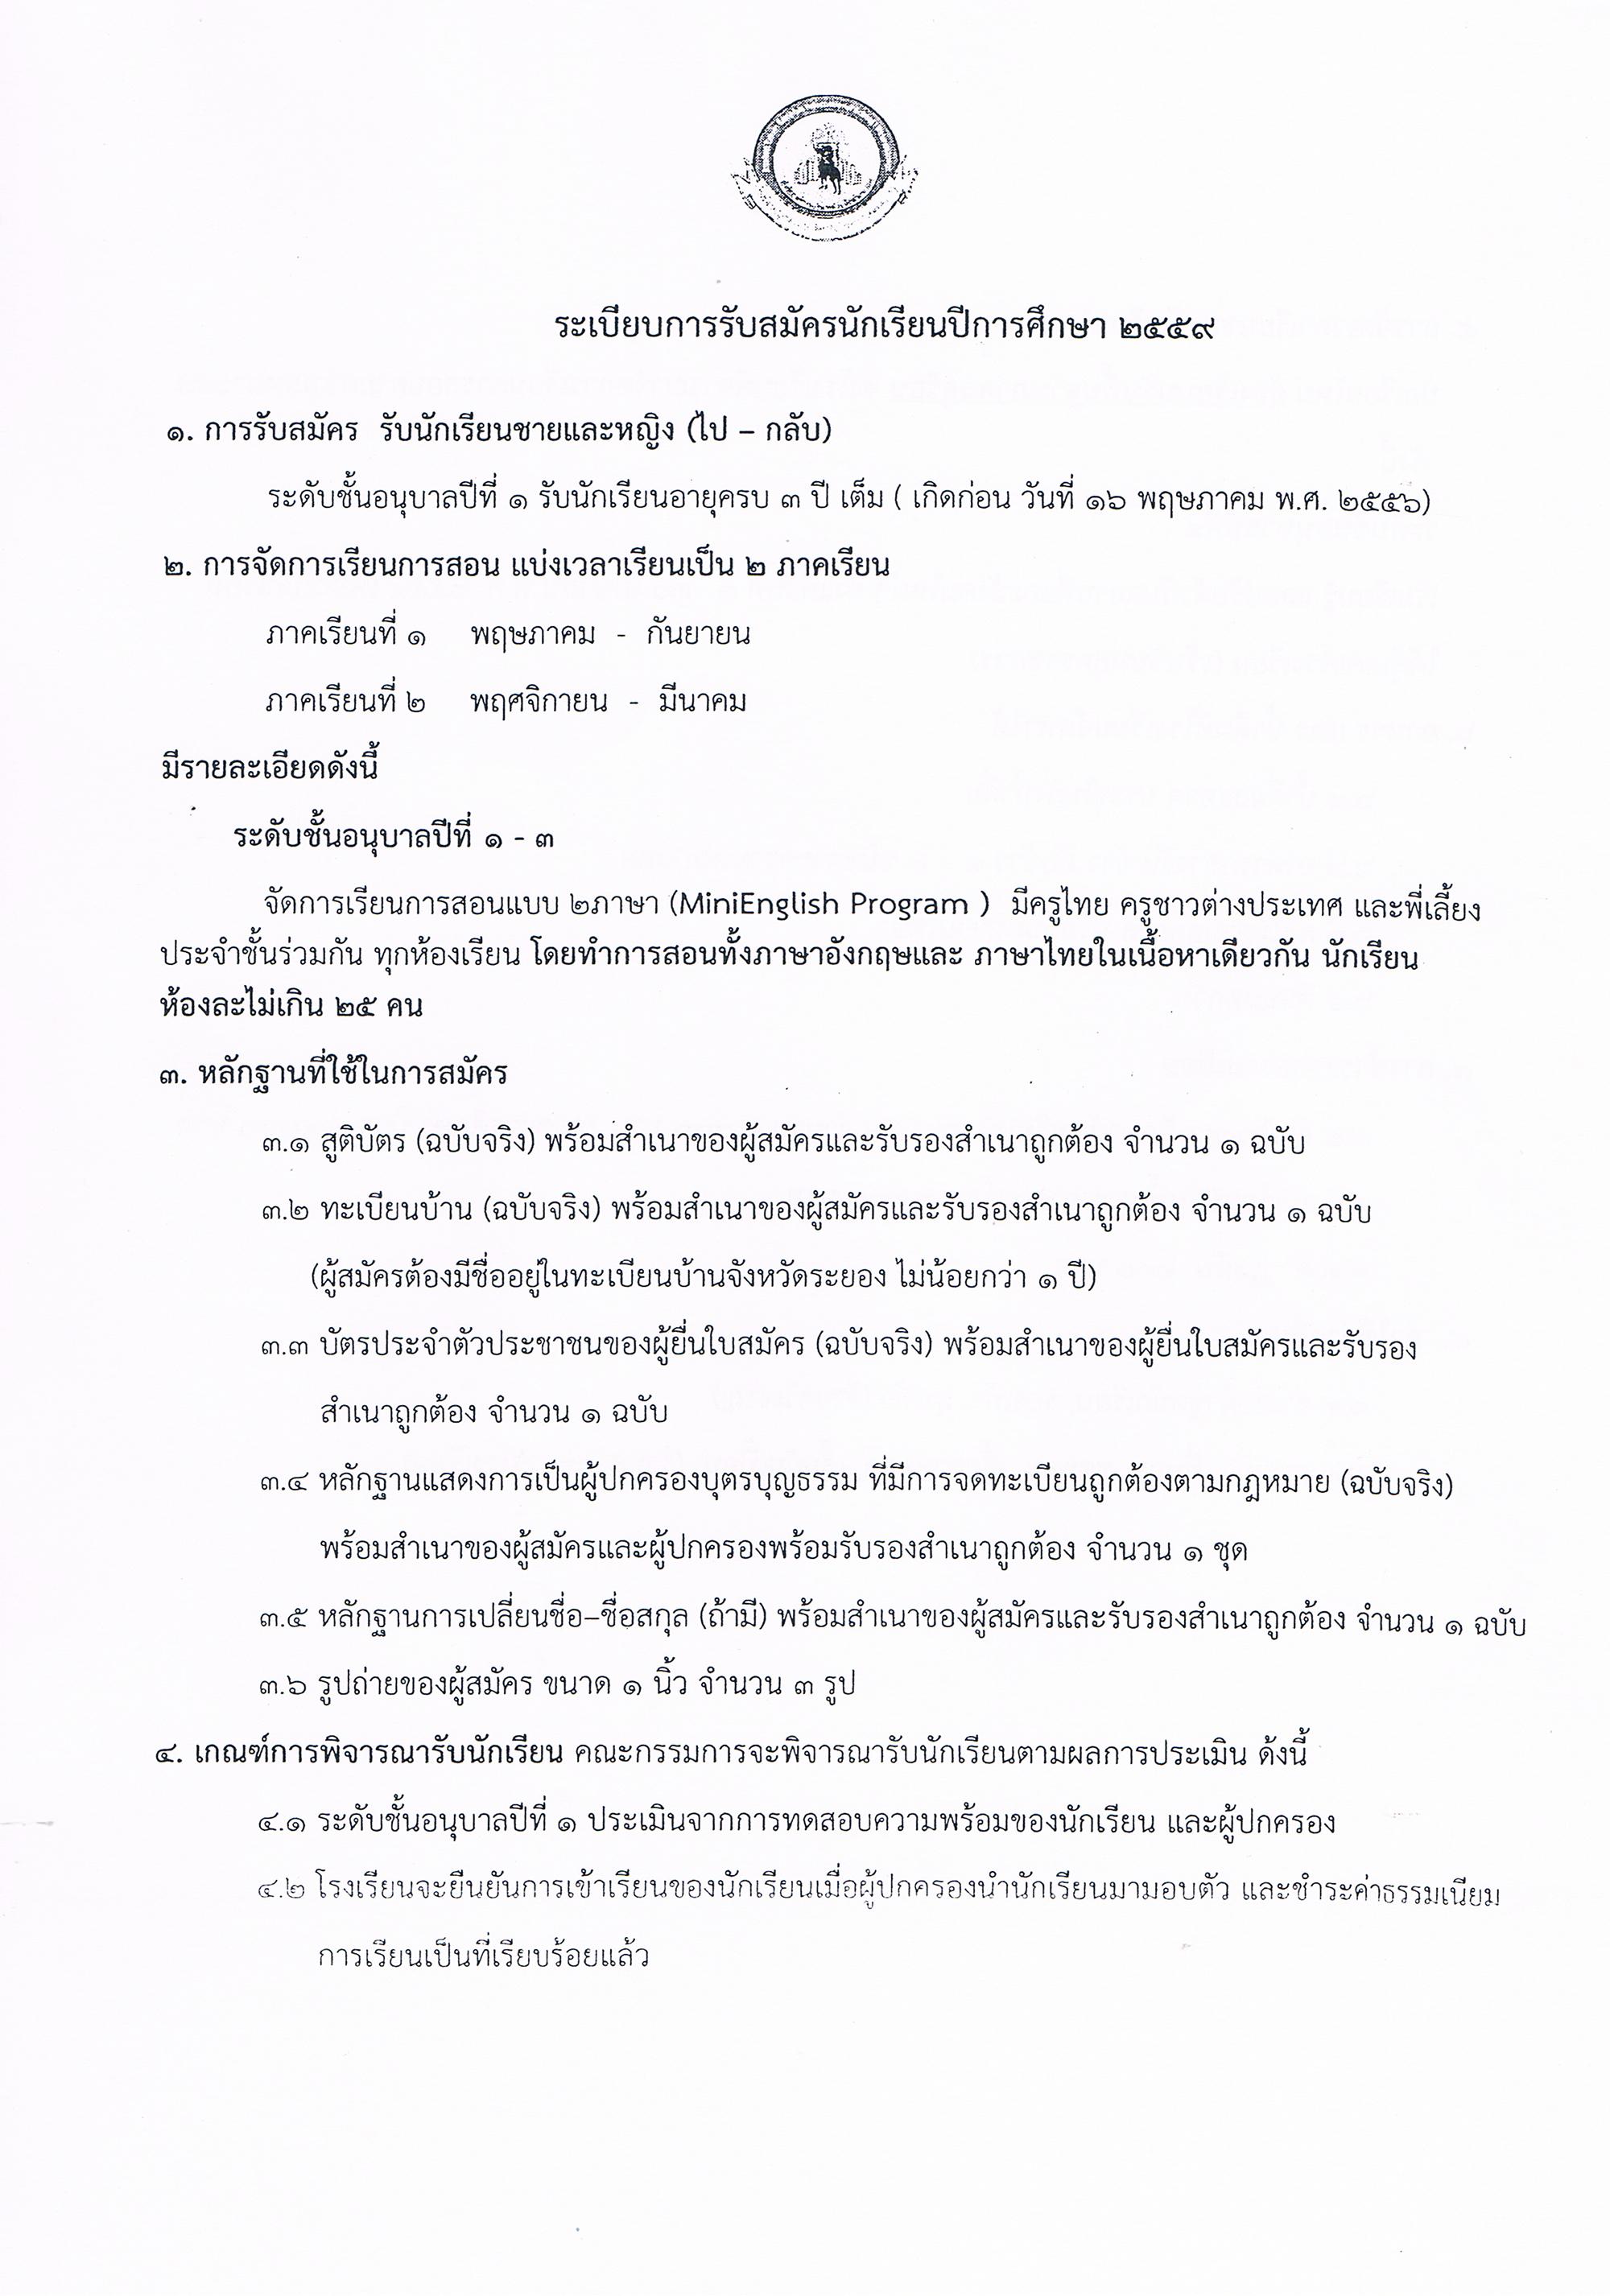 ระเบียบการรับนักเรียนปีการศึกษา 2559 หน้า 1